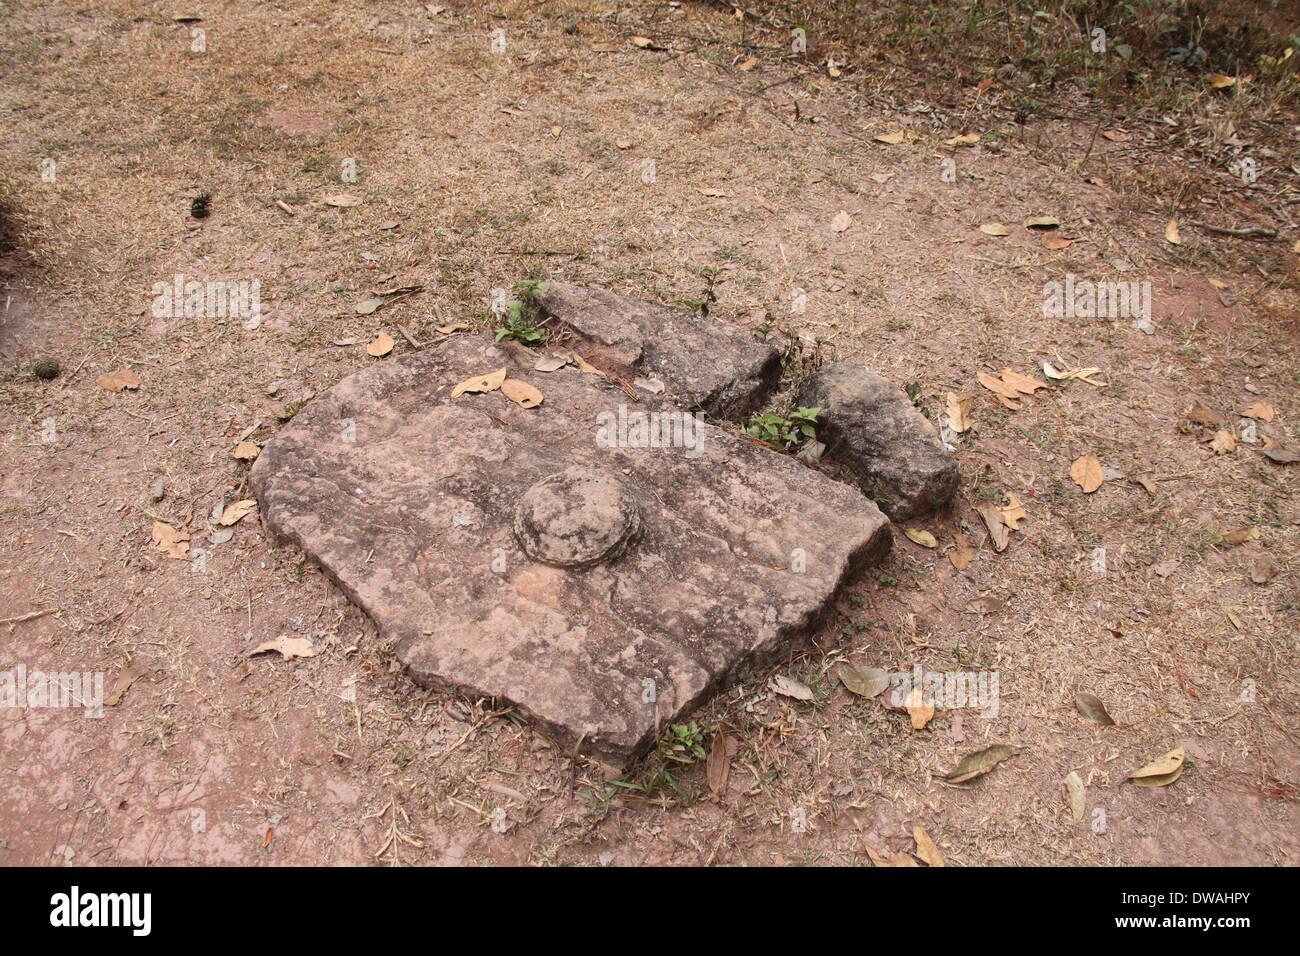 Pietra piana in corrispondenza della pianura di giare il sito 2 che potrebbe essere un coperchio Foto Stock